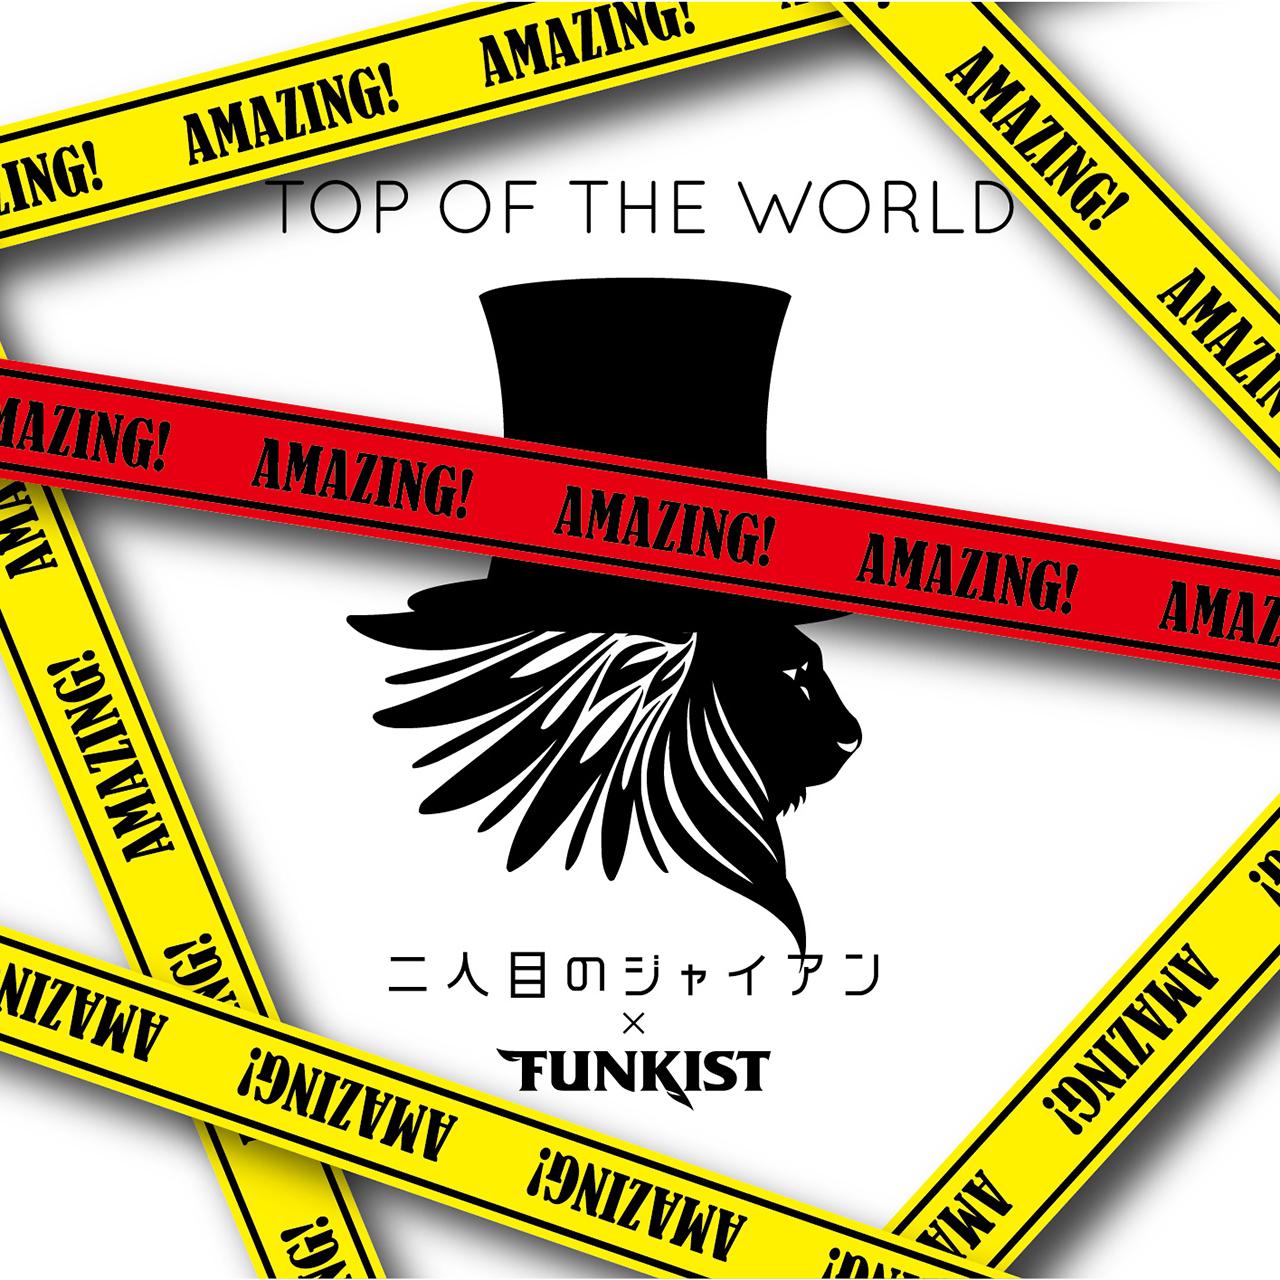 【ミニアルバム】TOP OF THE WORLD / 二人目のジャイアン×FUNKIST